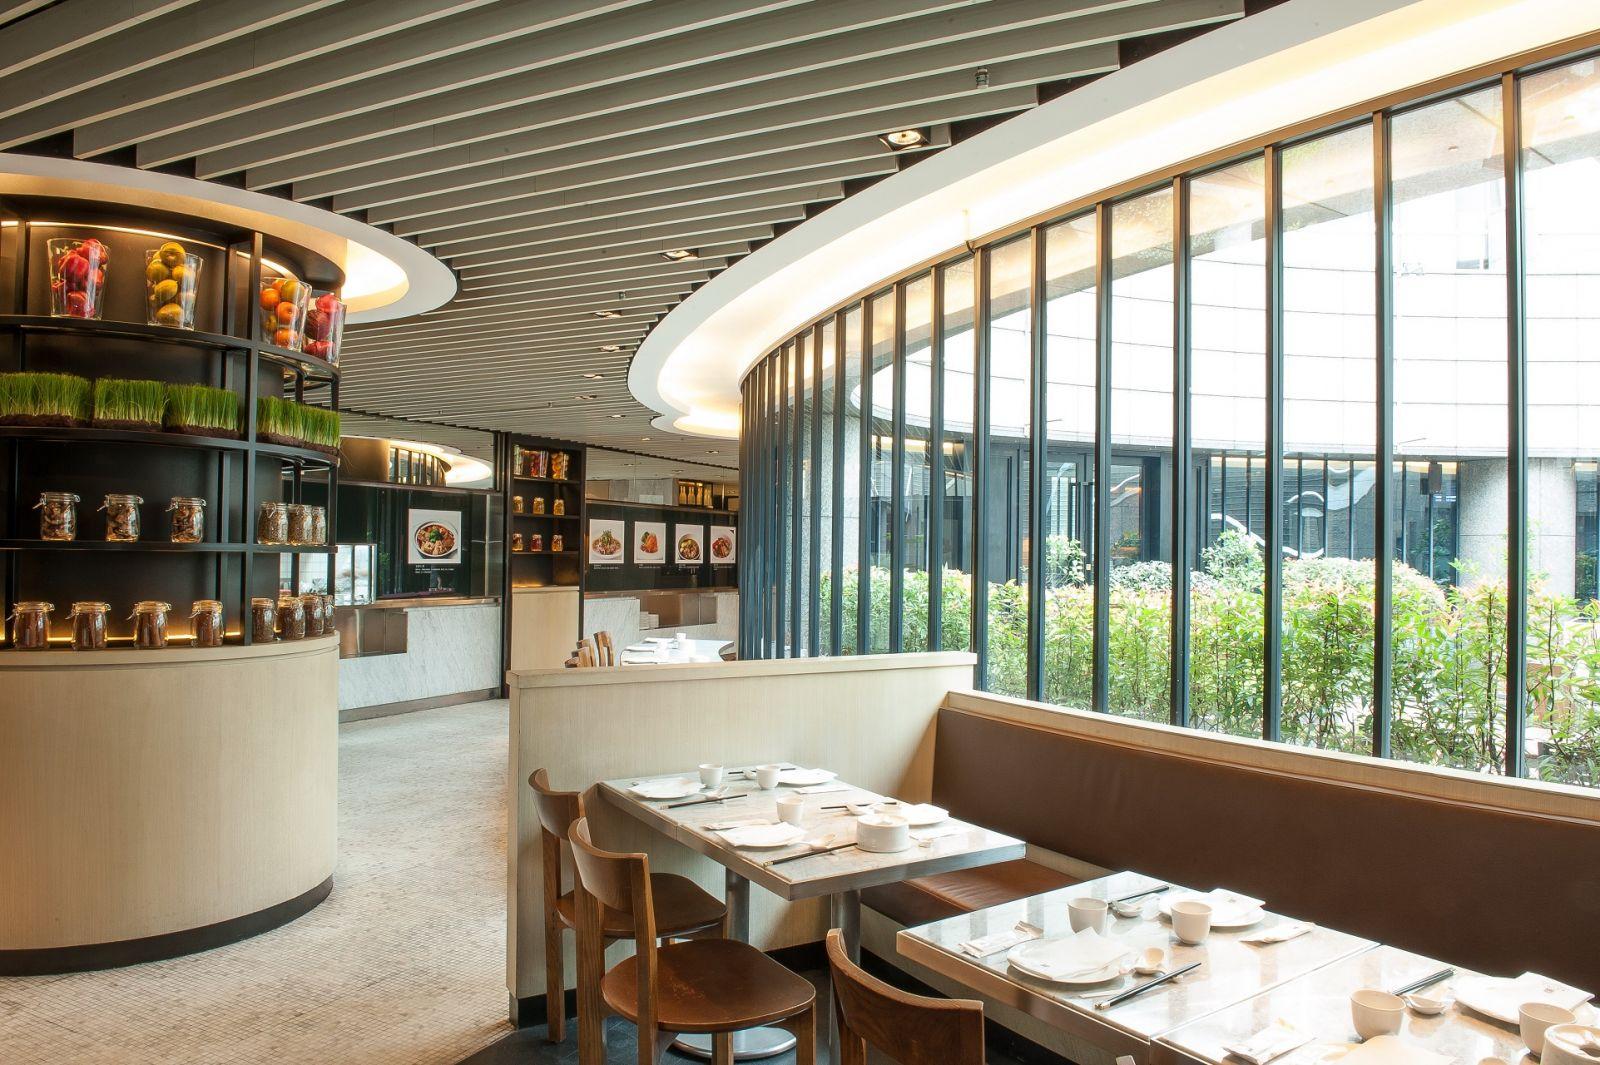 富邦國賓大飯店聯名卡 天母川菜廳週四免一成服務費